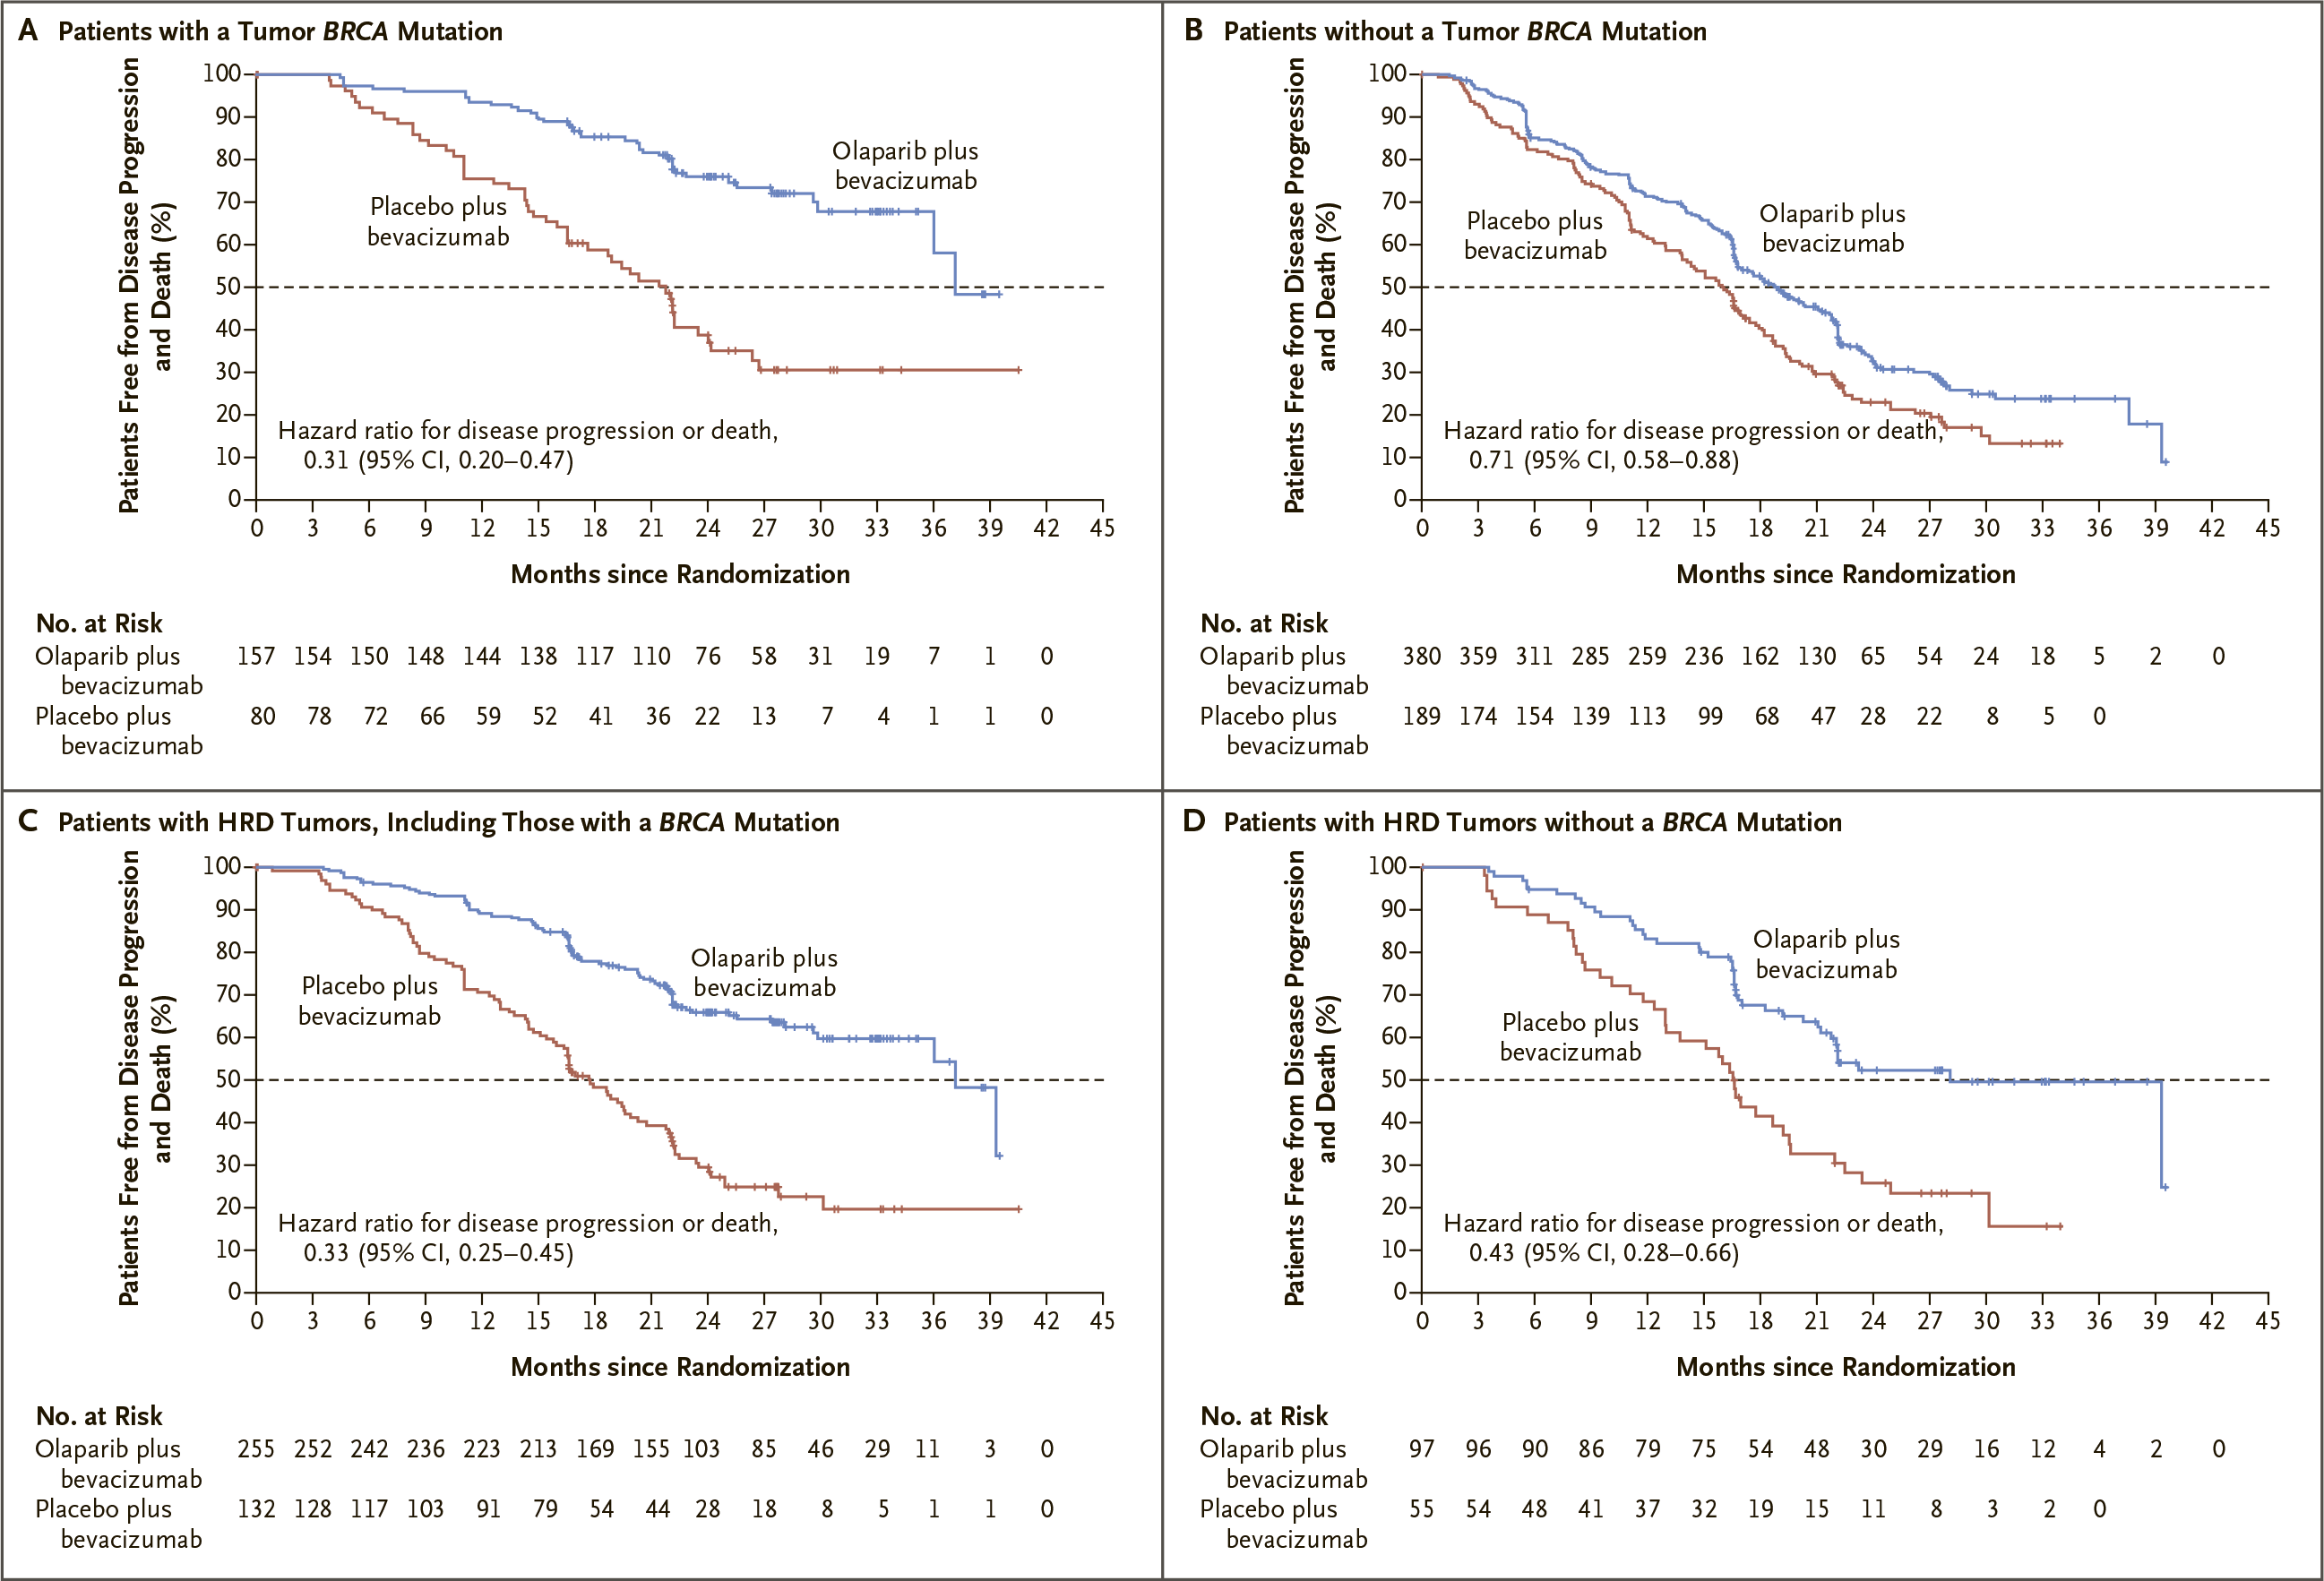 nct02477644 results 04 - «Заджула»: поддерживающая терапия рака яичников для любых пациентов